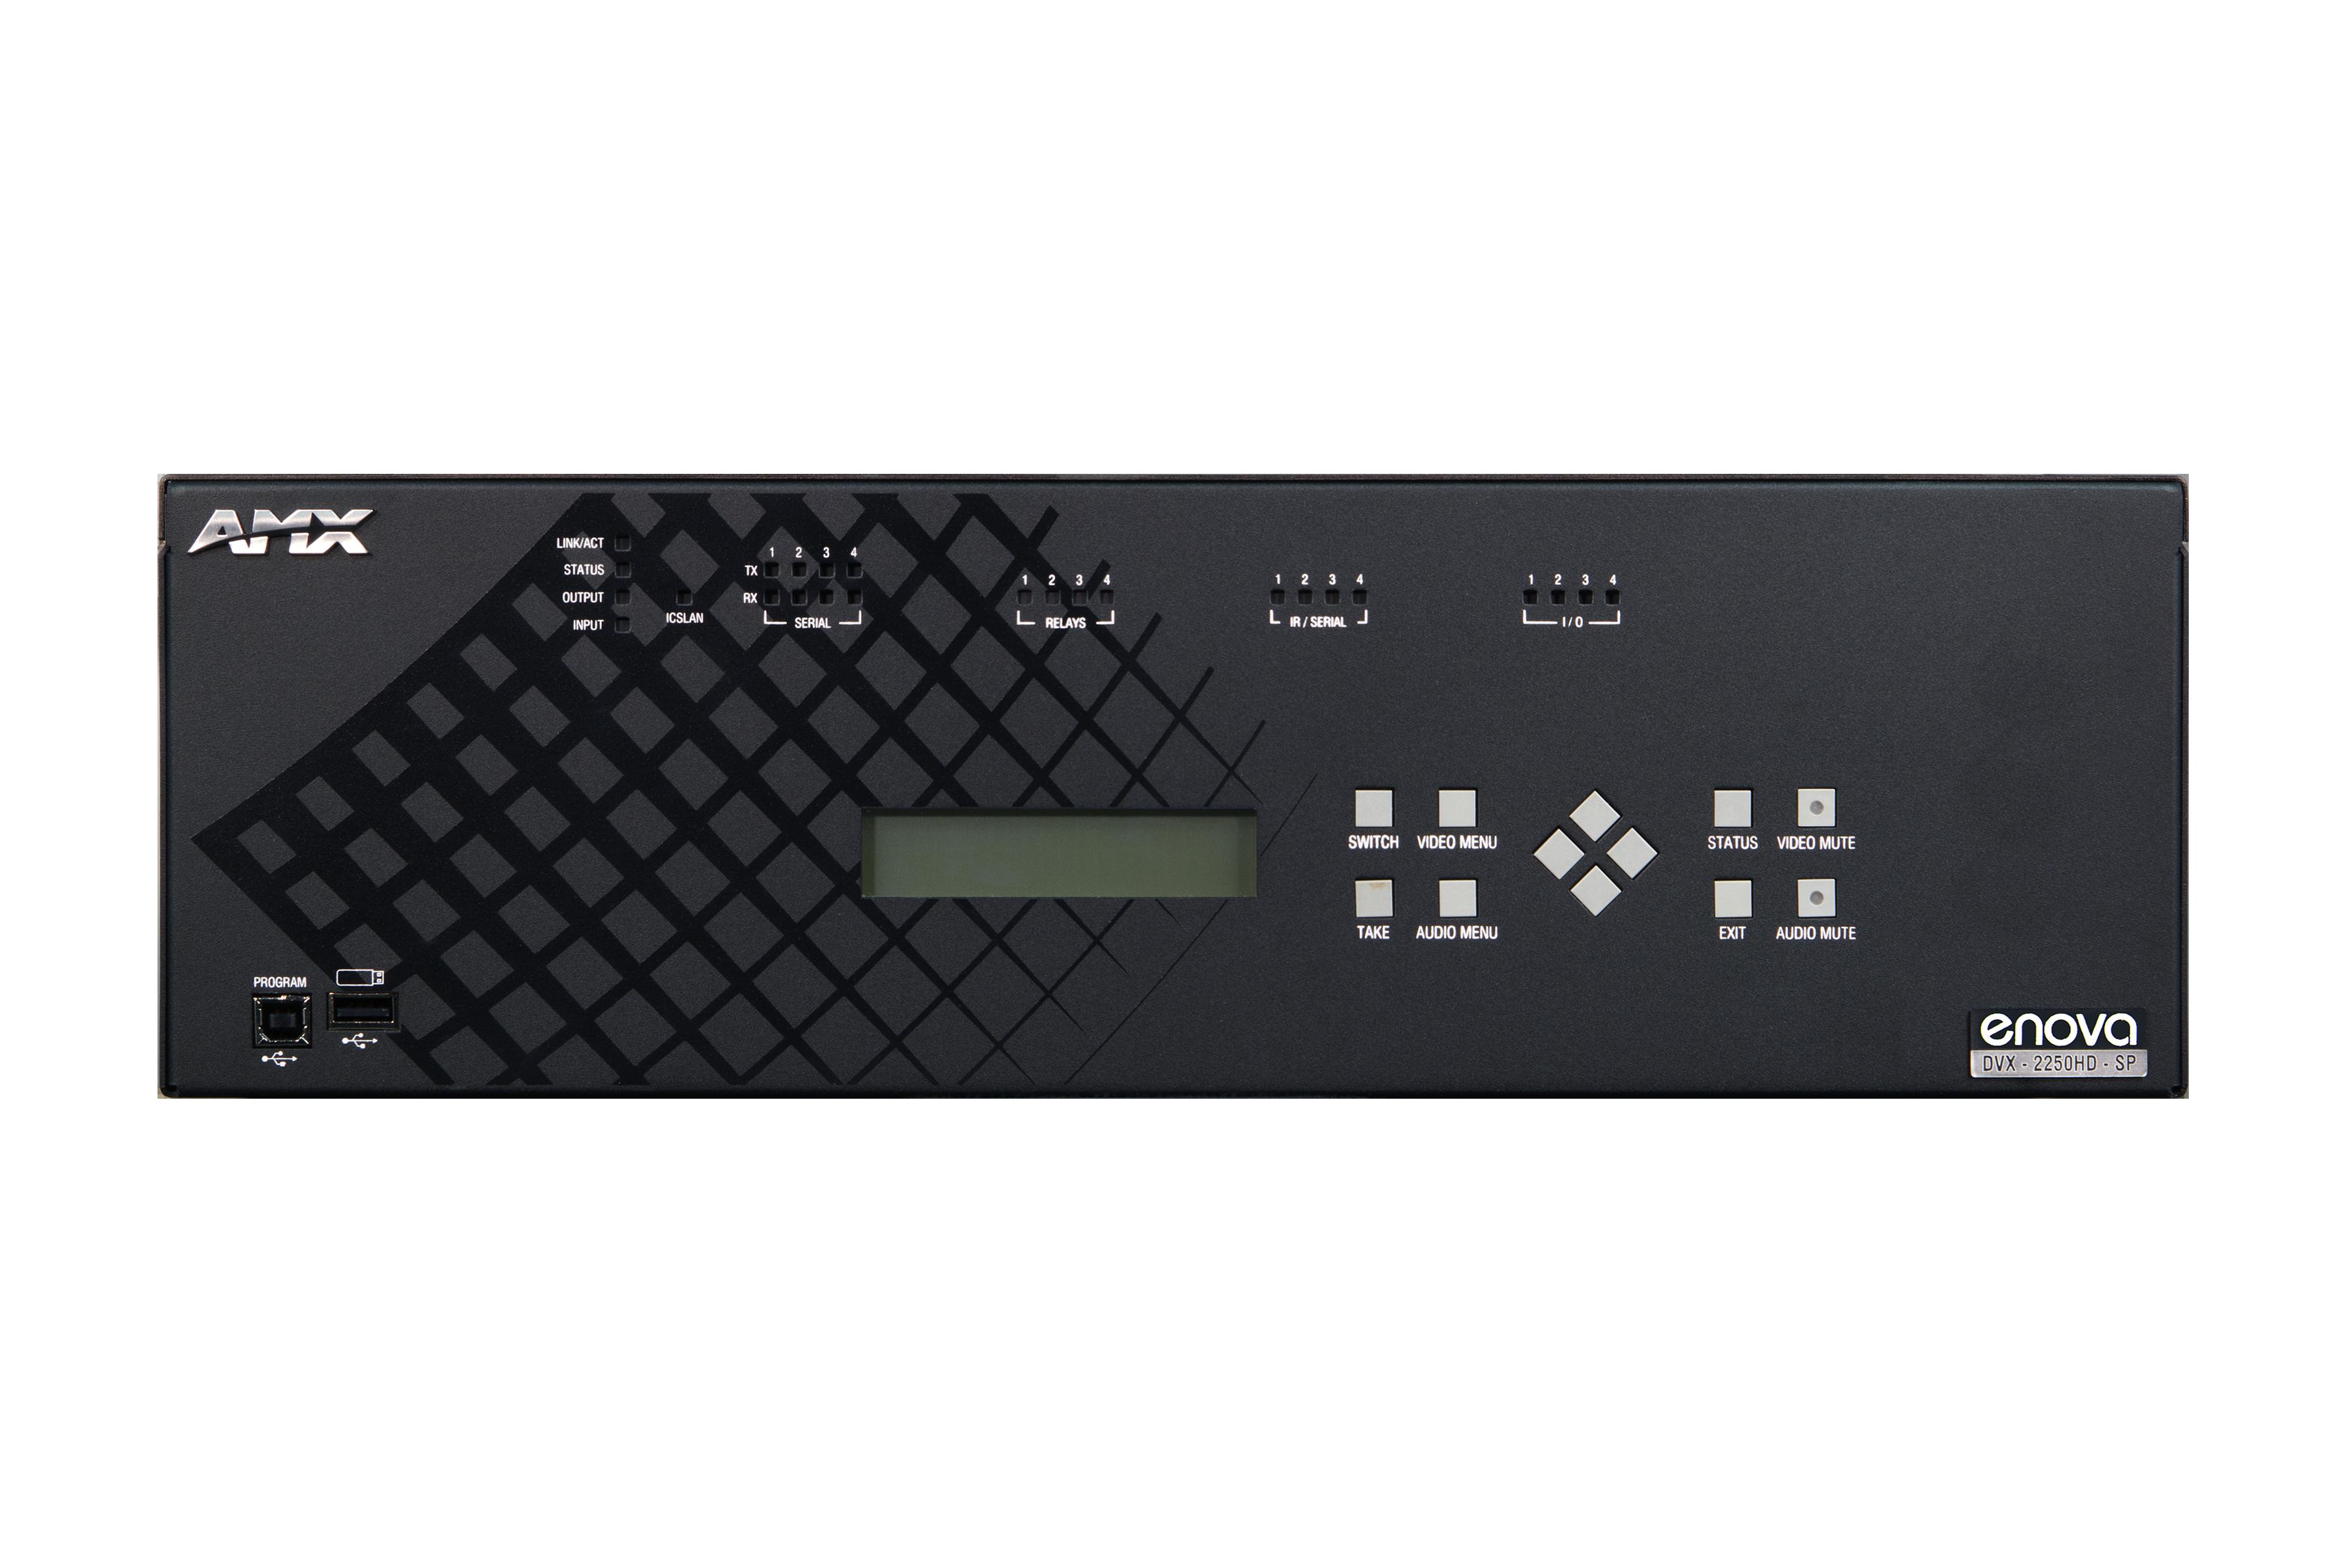 DVX-2250HD-SP - Front